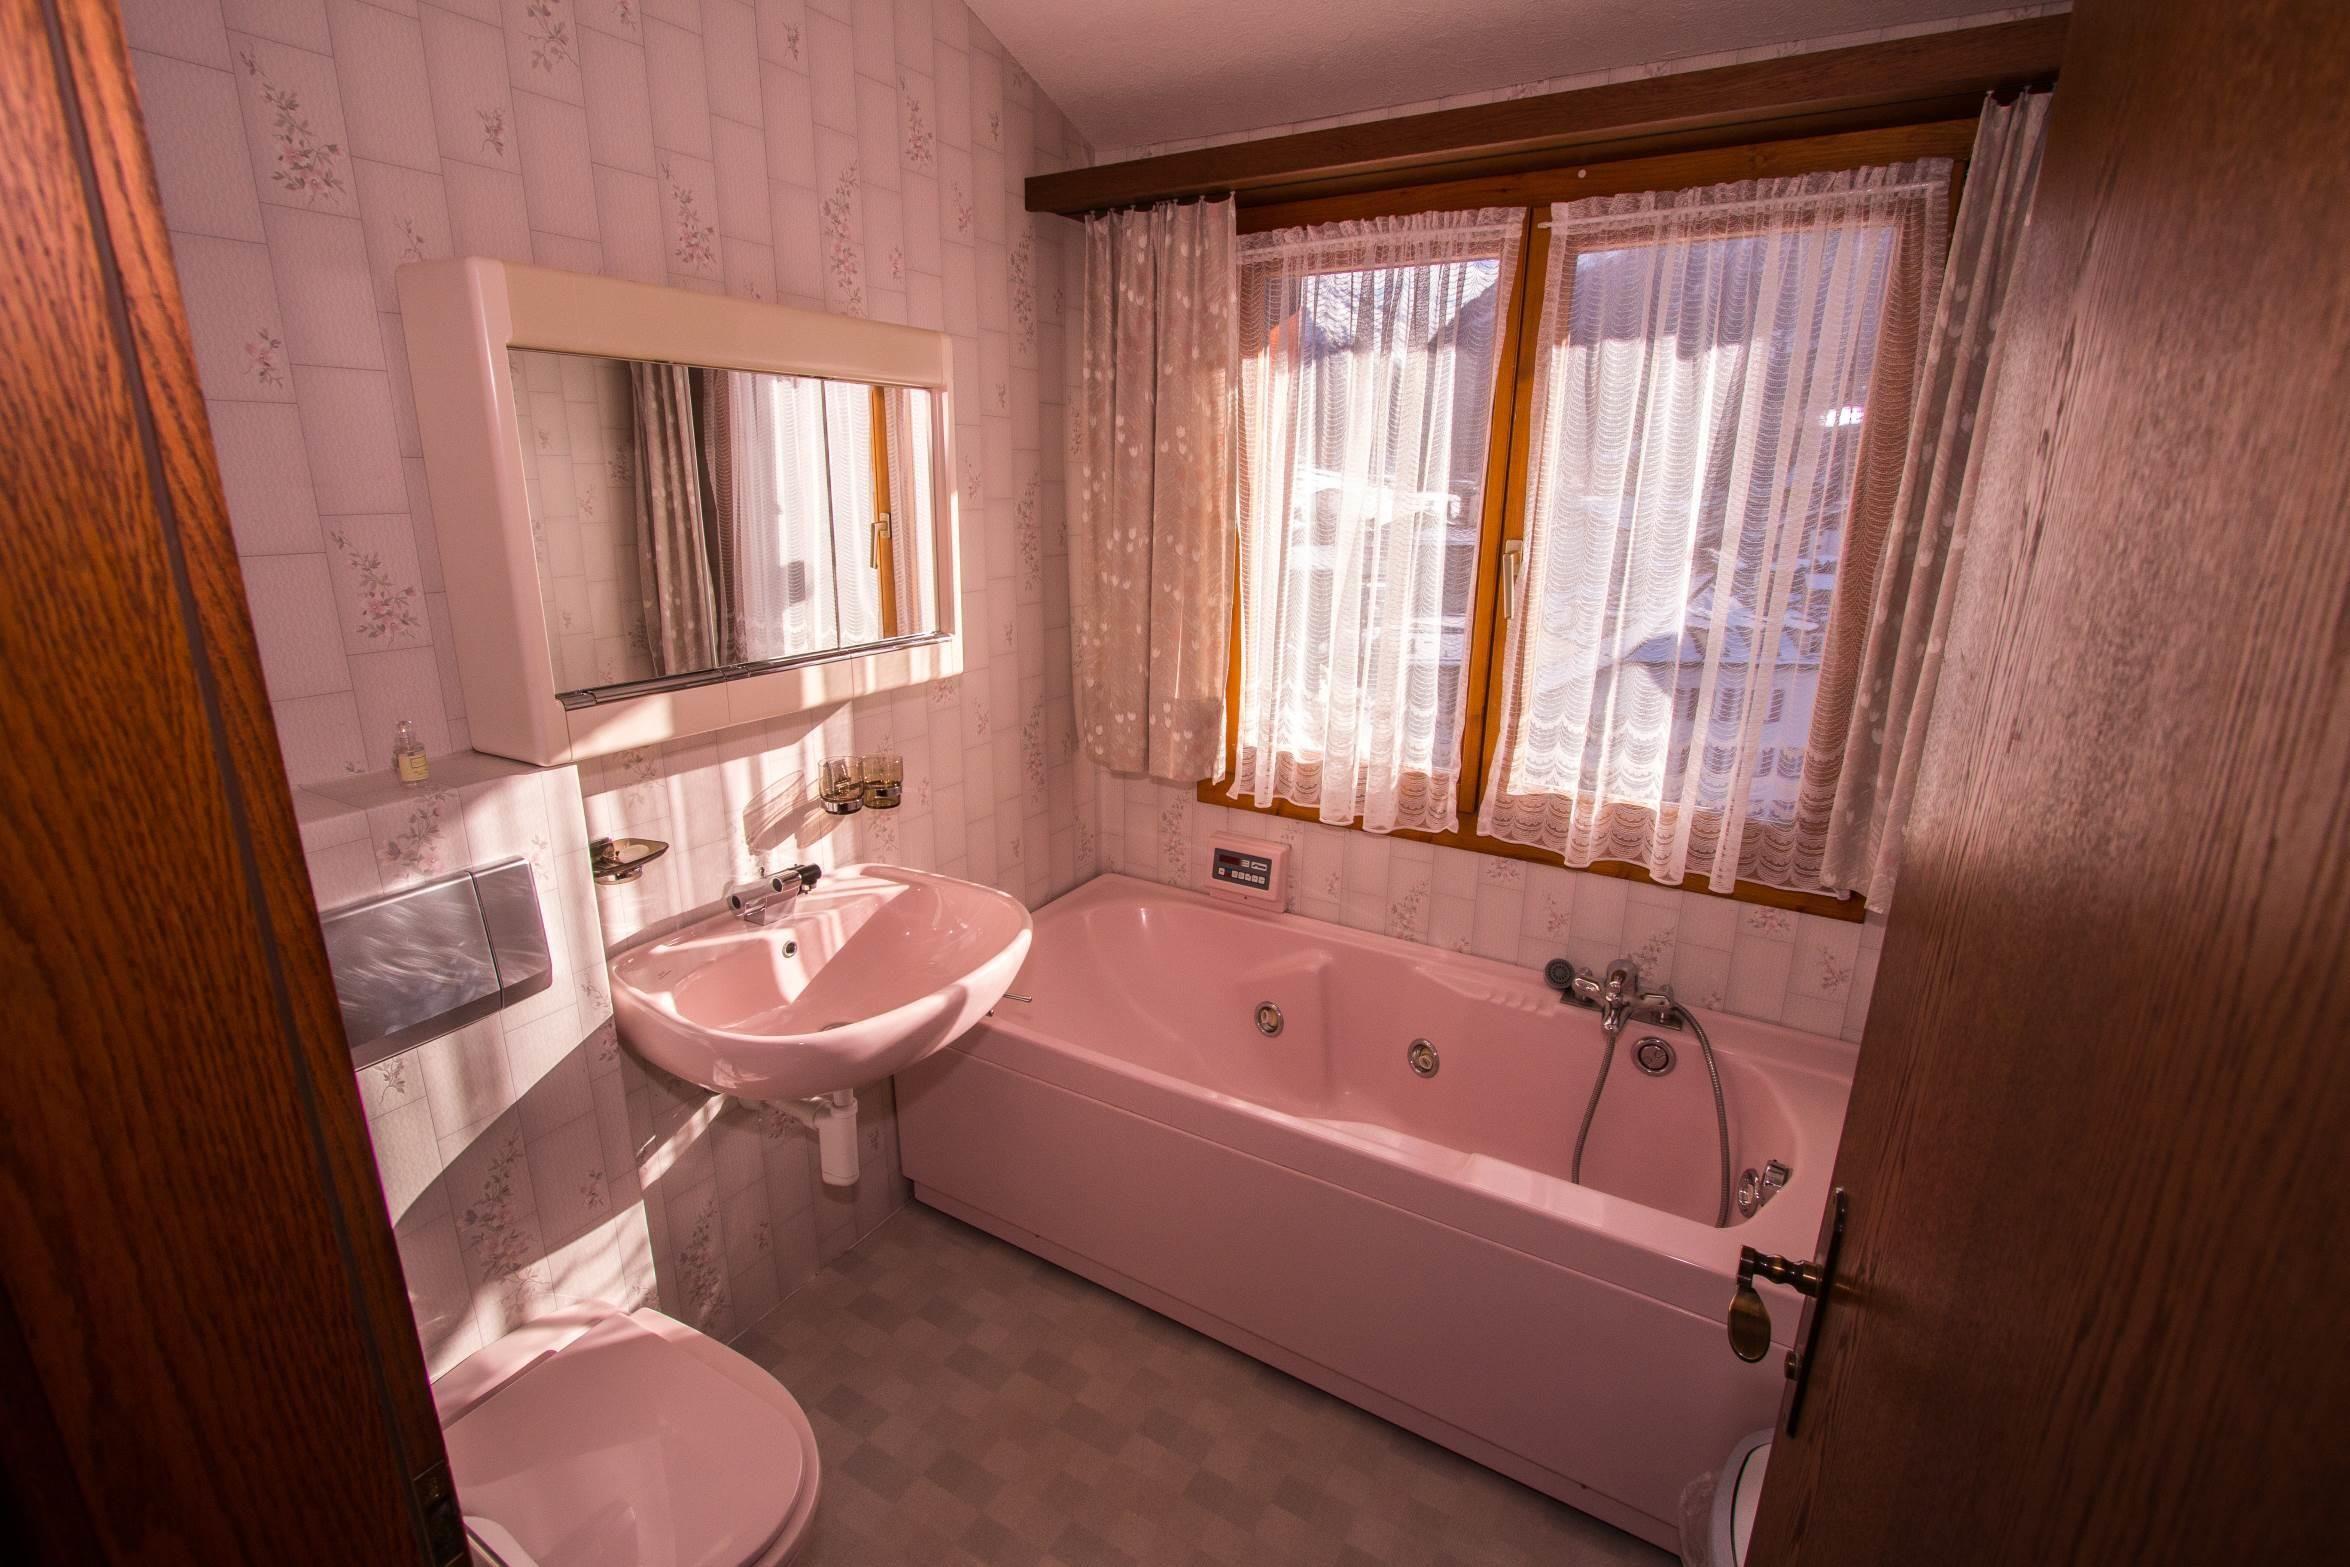 WC - Bad Allgemein beim Wohnzimmer - Ferienwohnung